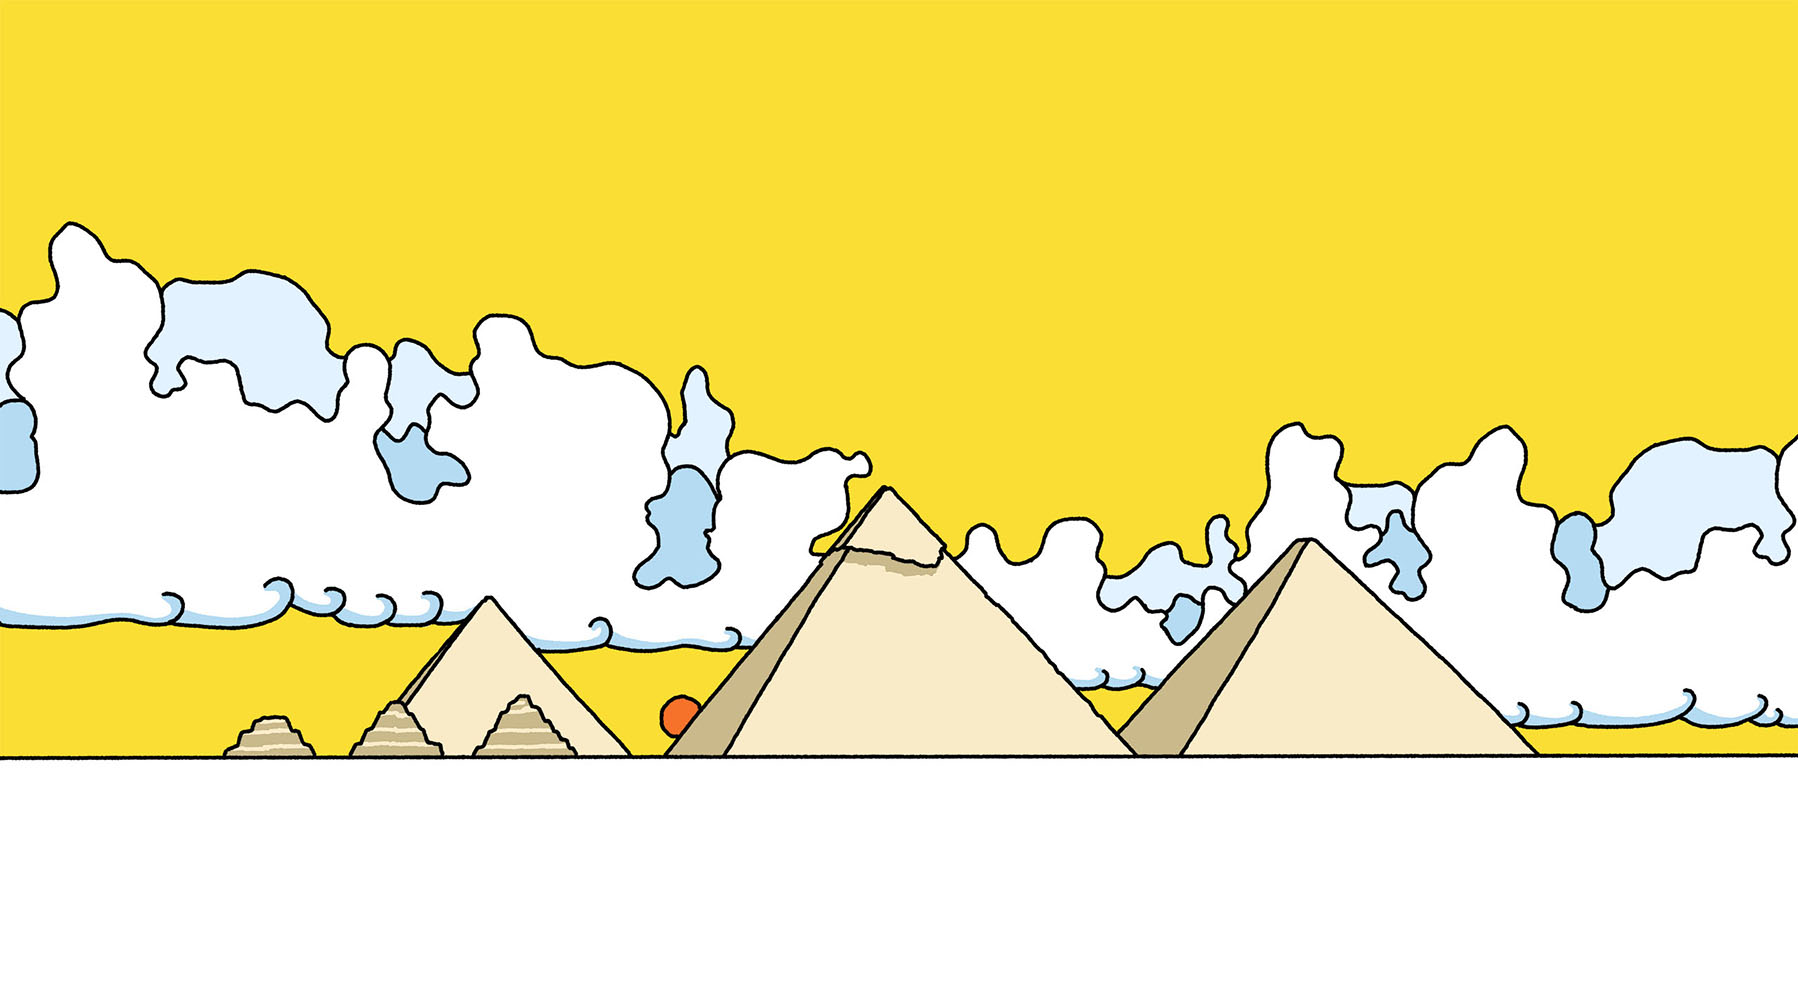 pyramids schallau1000.jpg